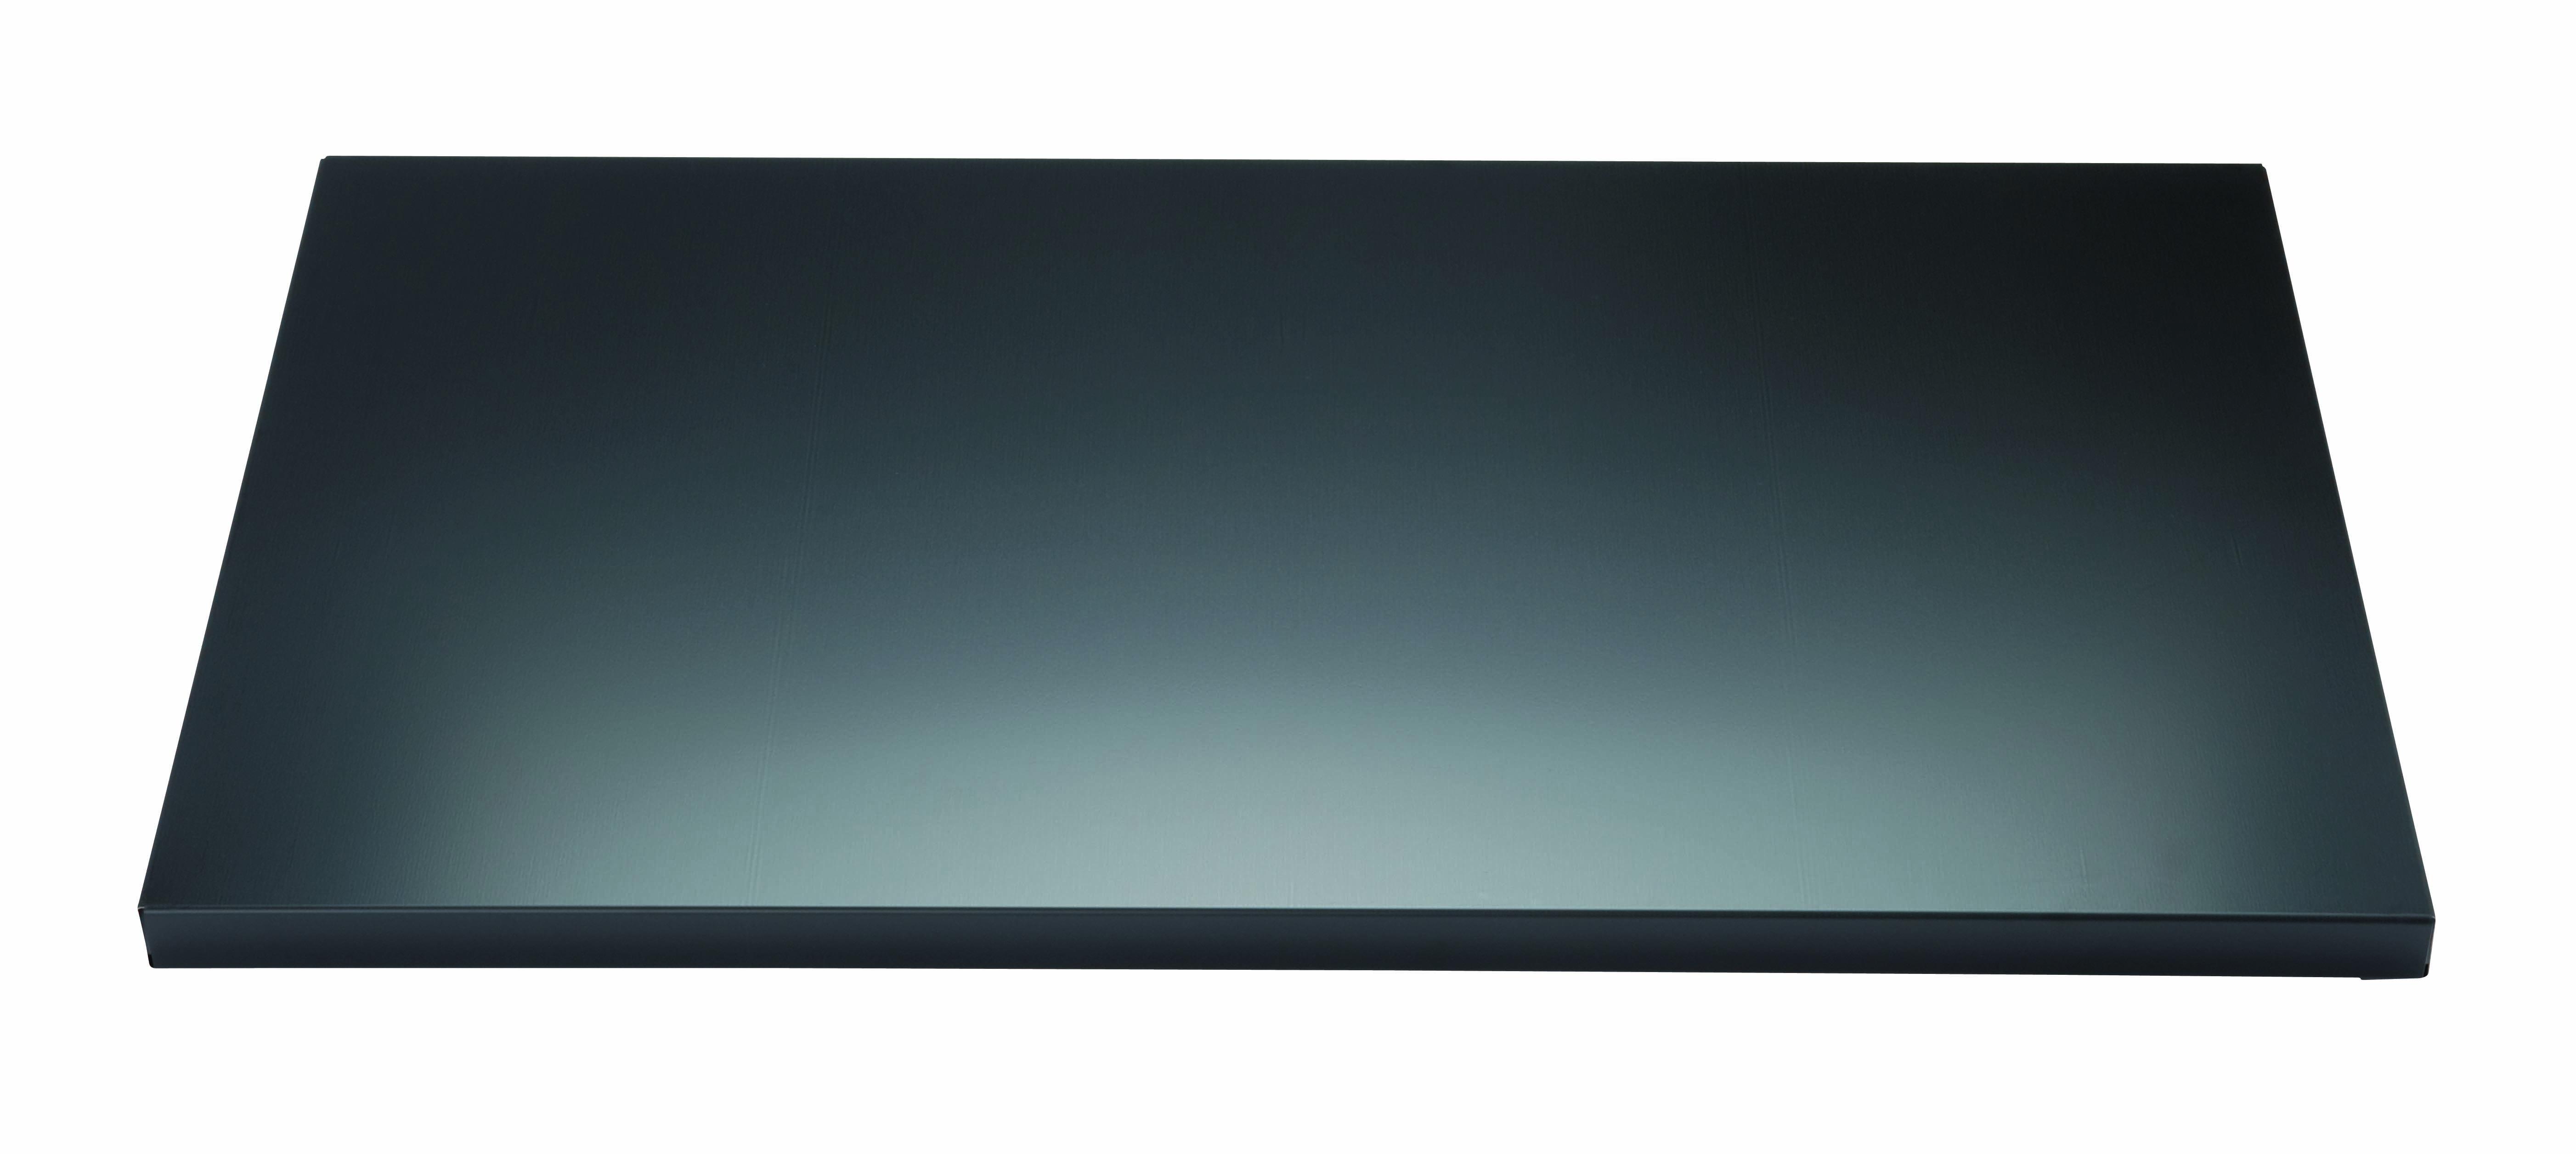 Fachboden mit Lateralhängevorrichtung für EuroTambour, B 800 mm, Farbe schwarz